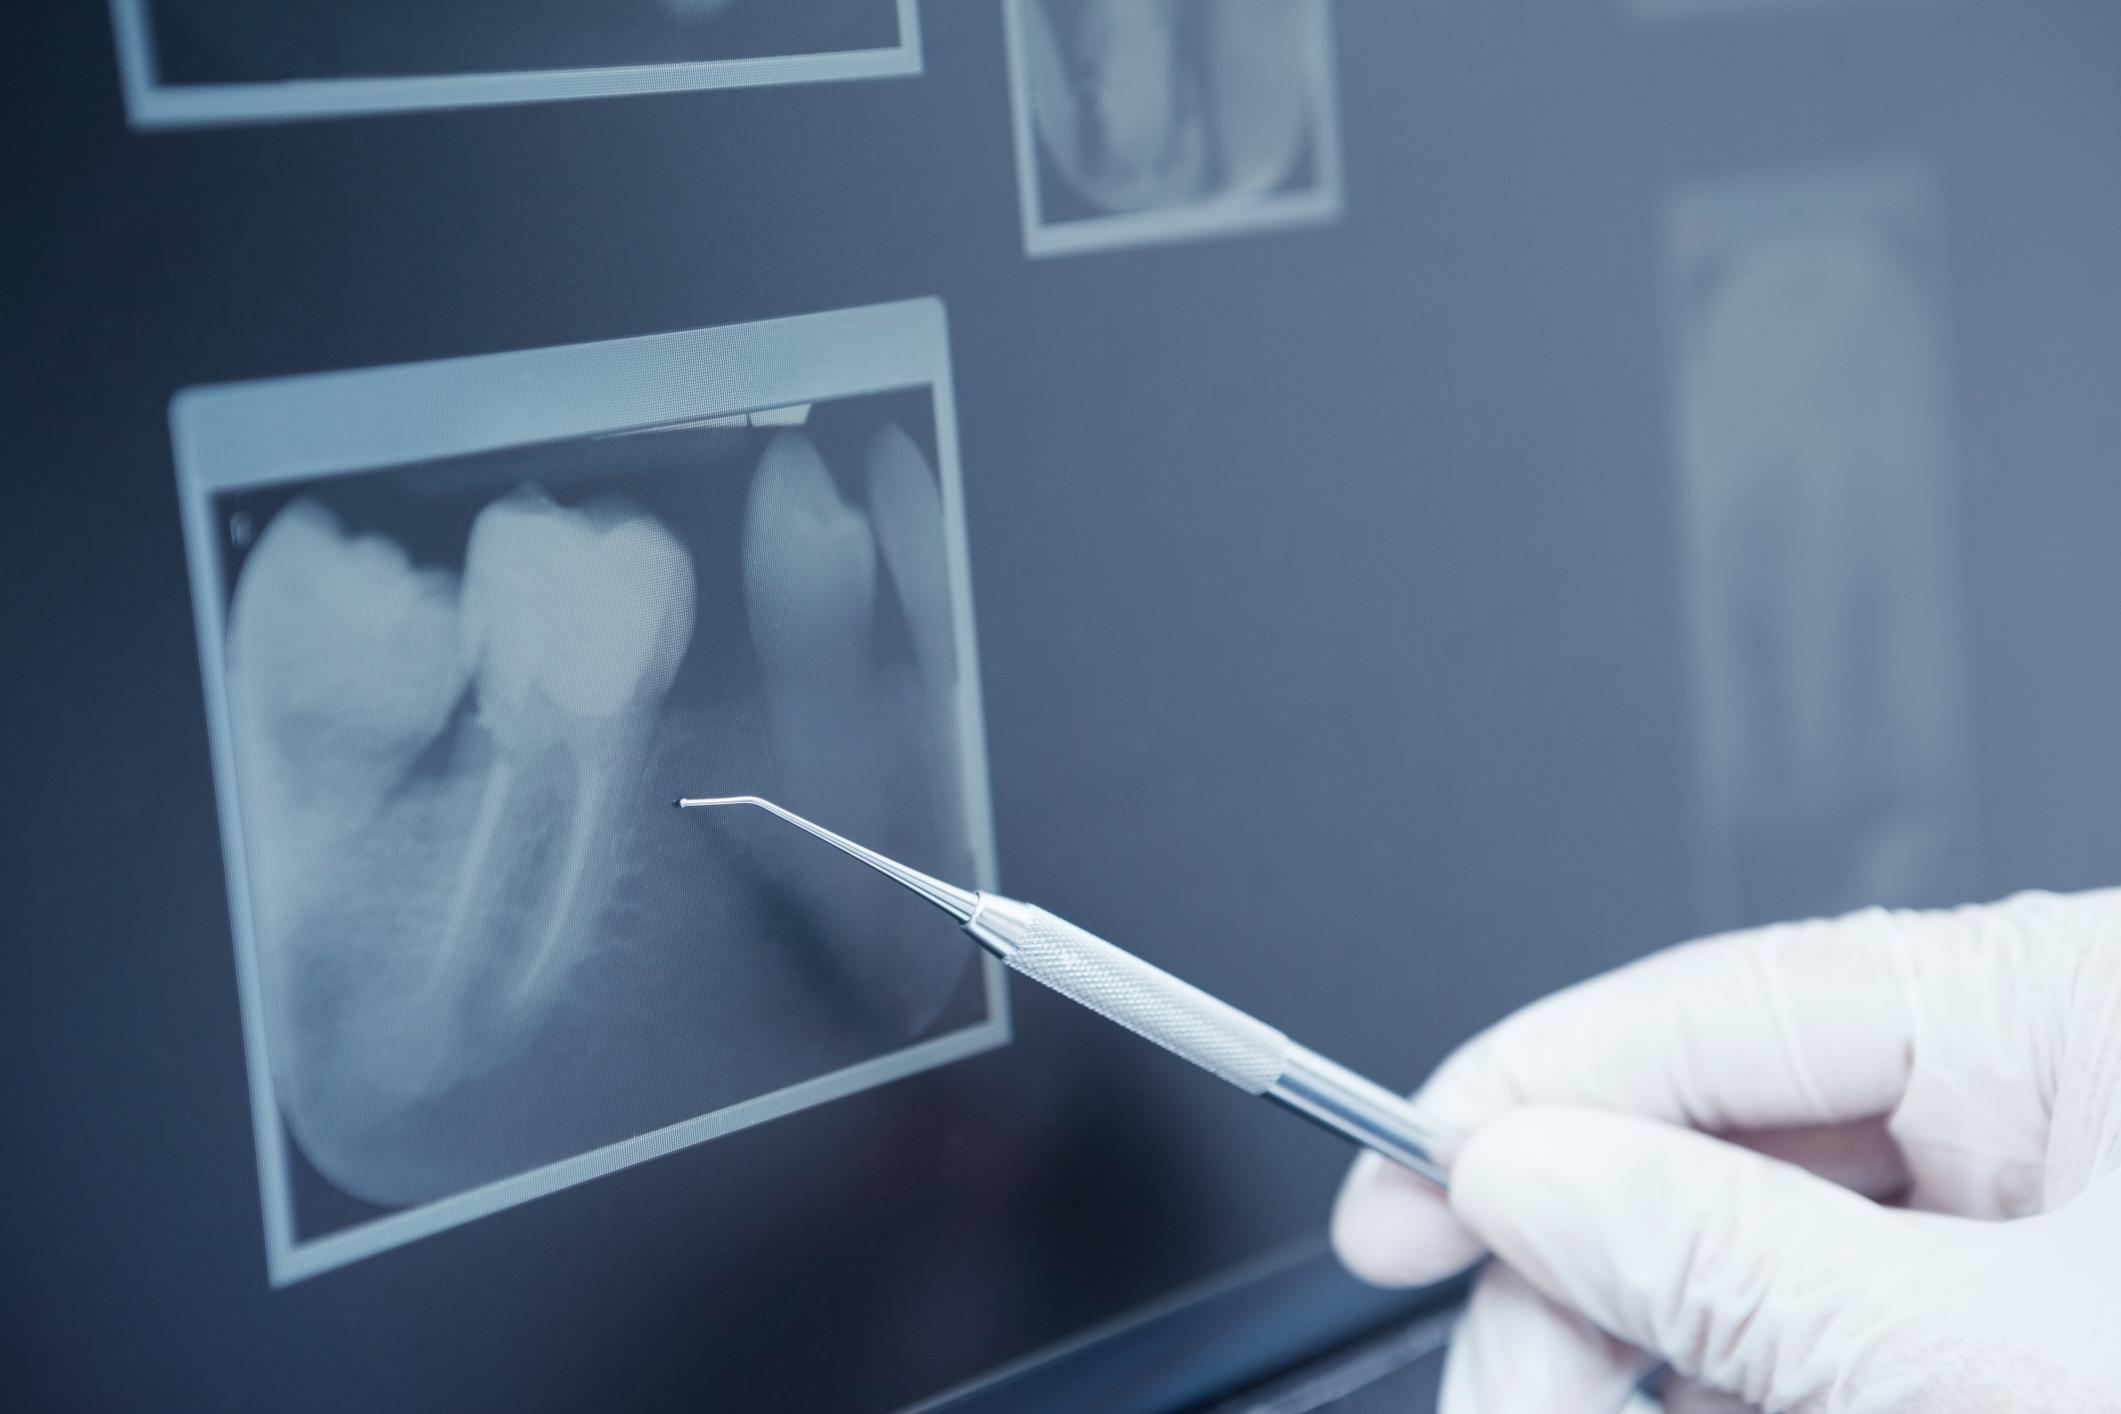 Analisi radiografia specifica - sorrisi felici